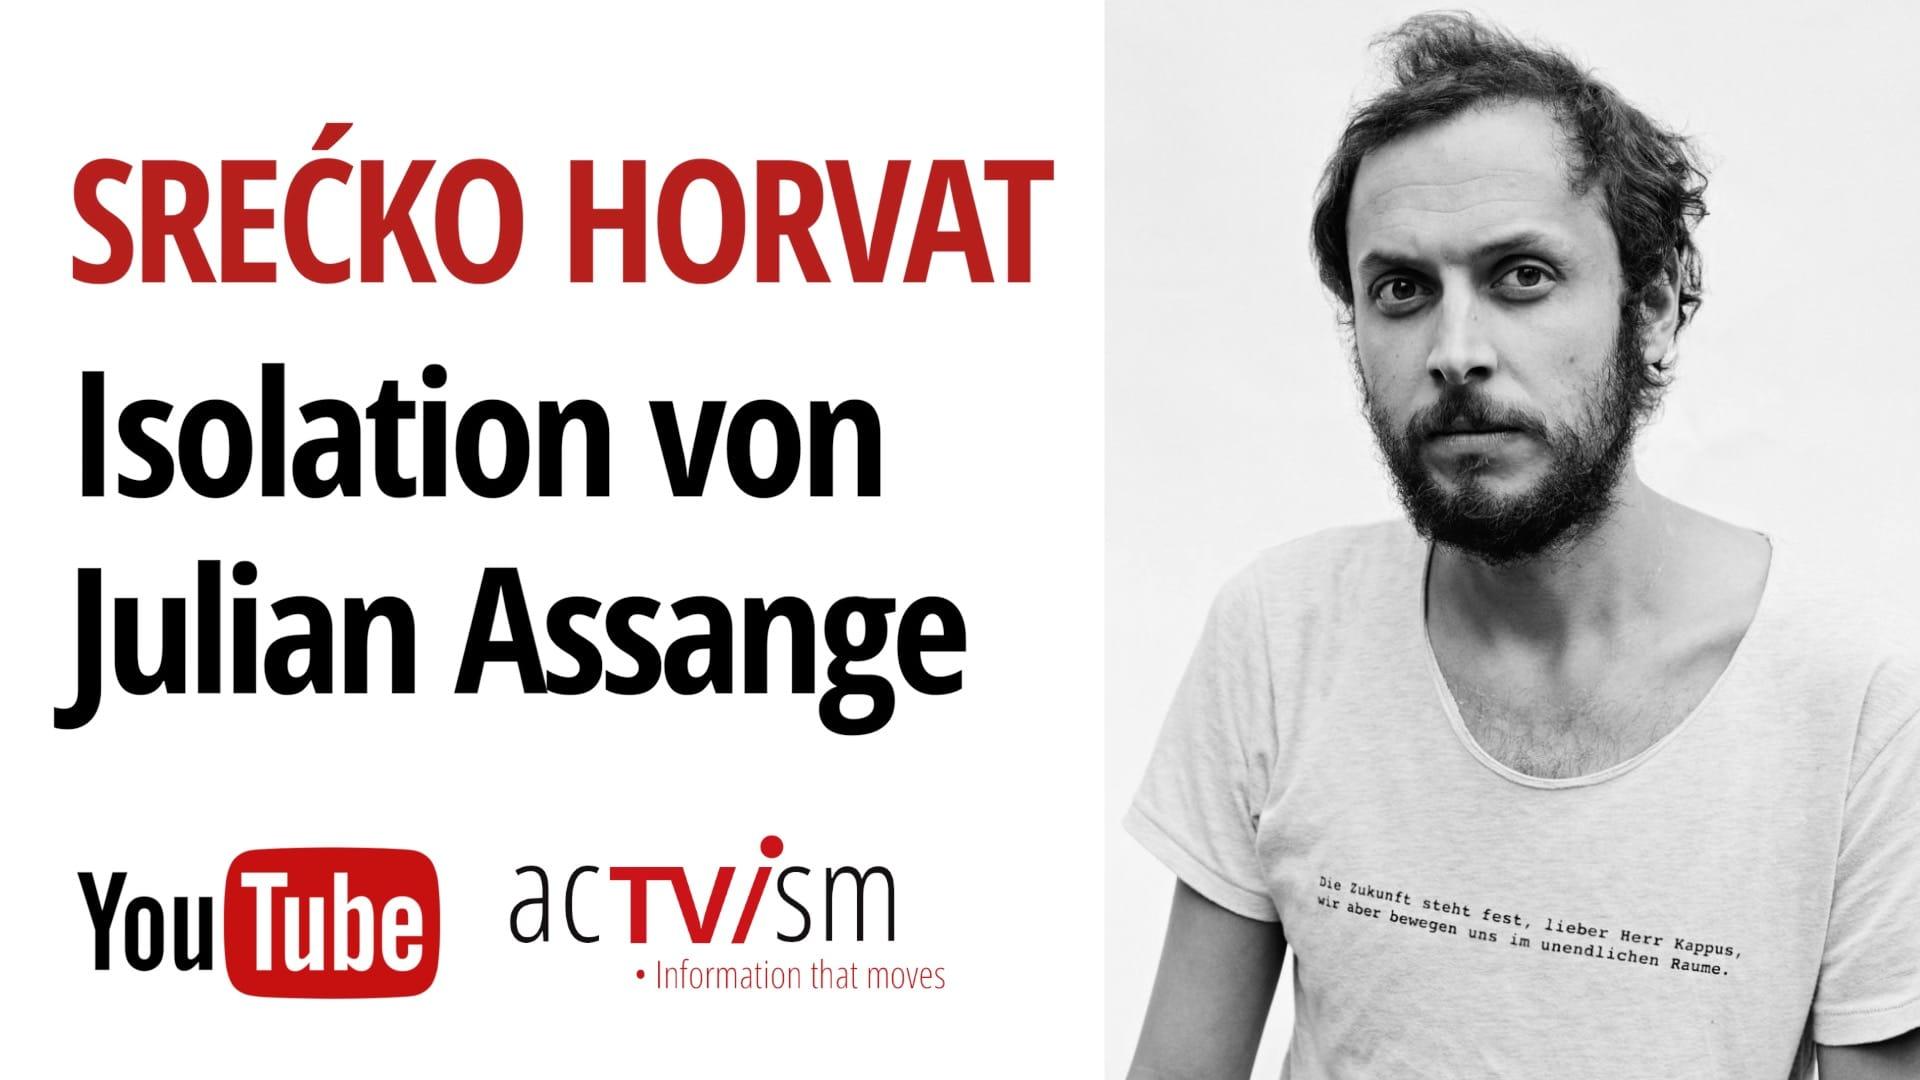 Srećko Horvat Julian Assange